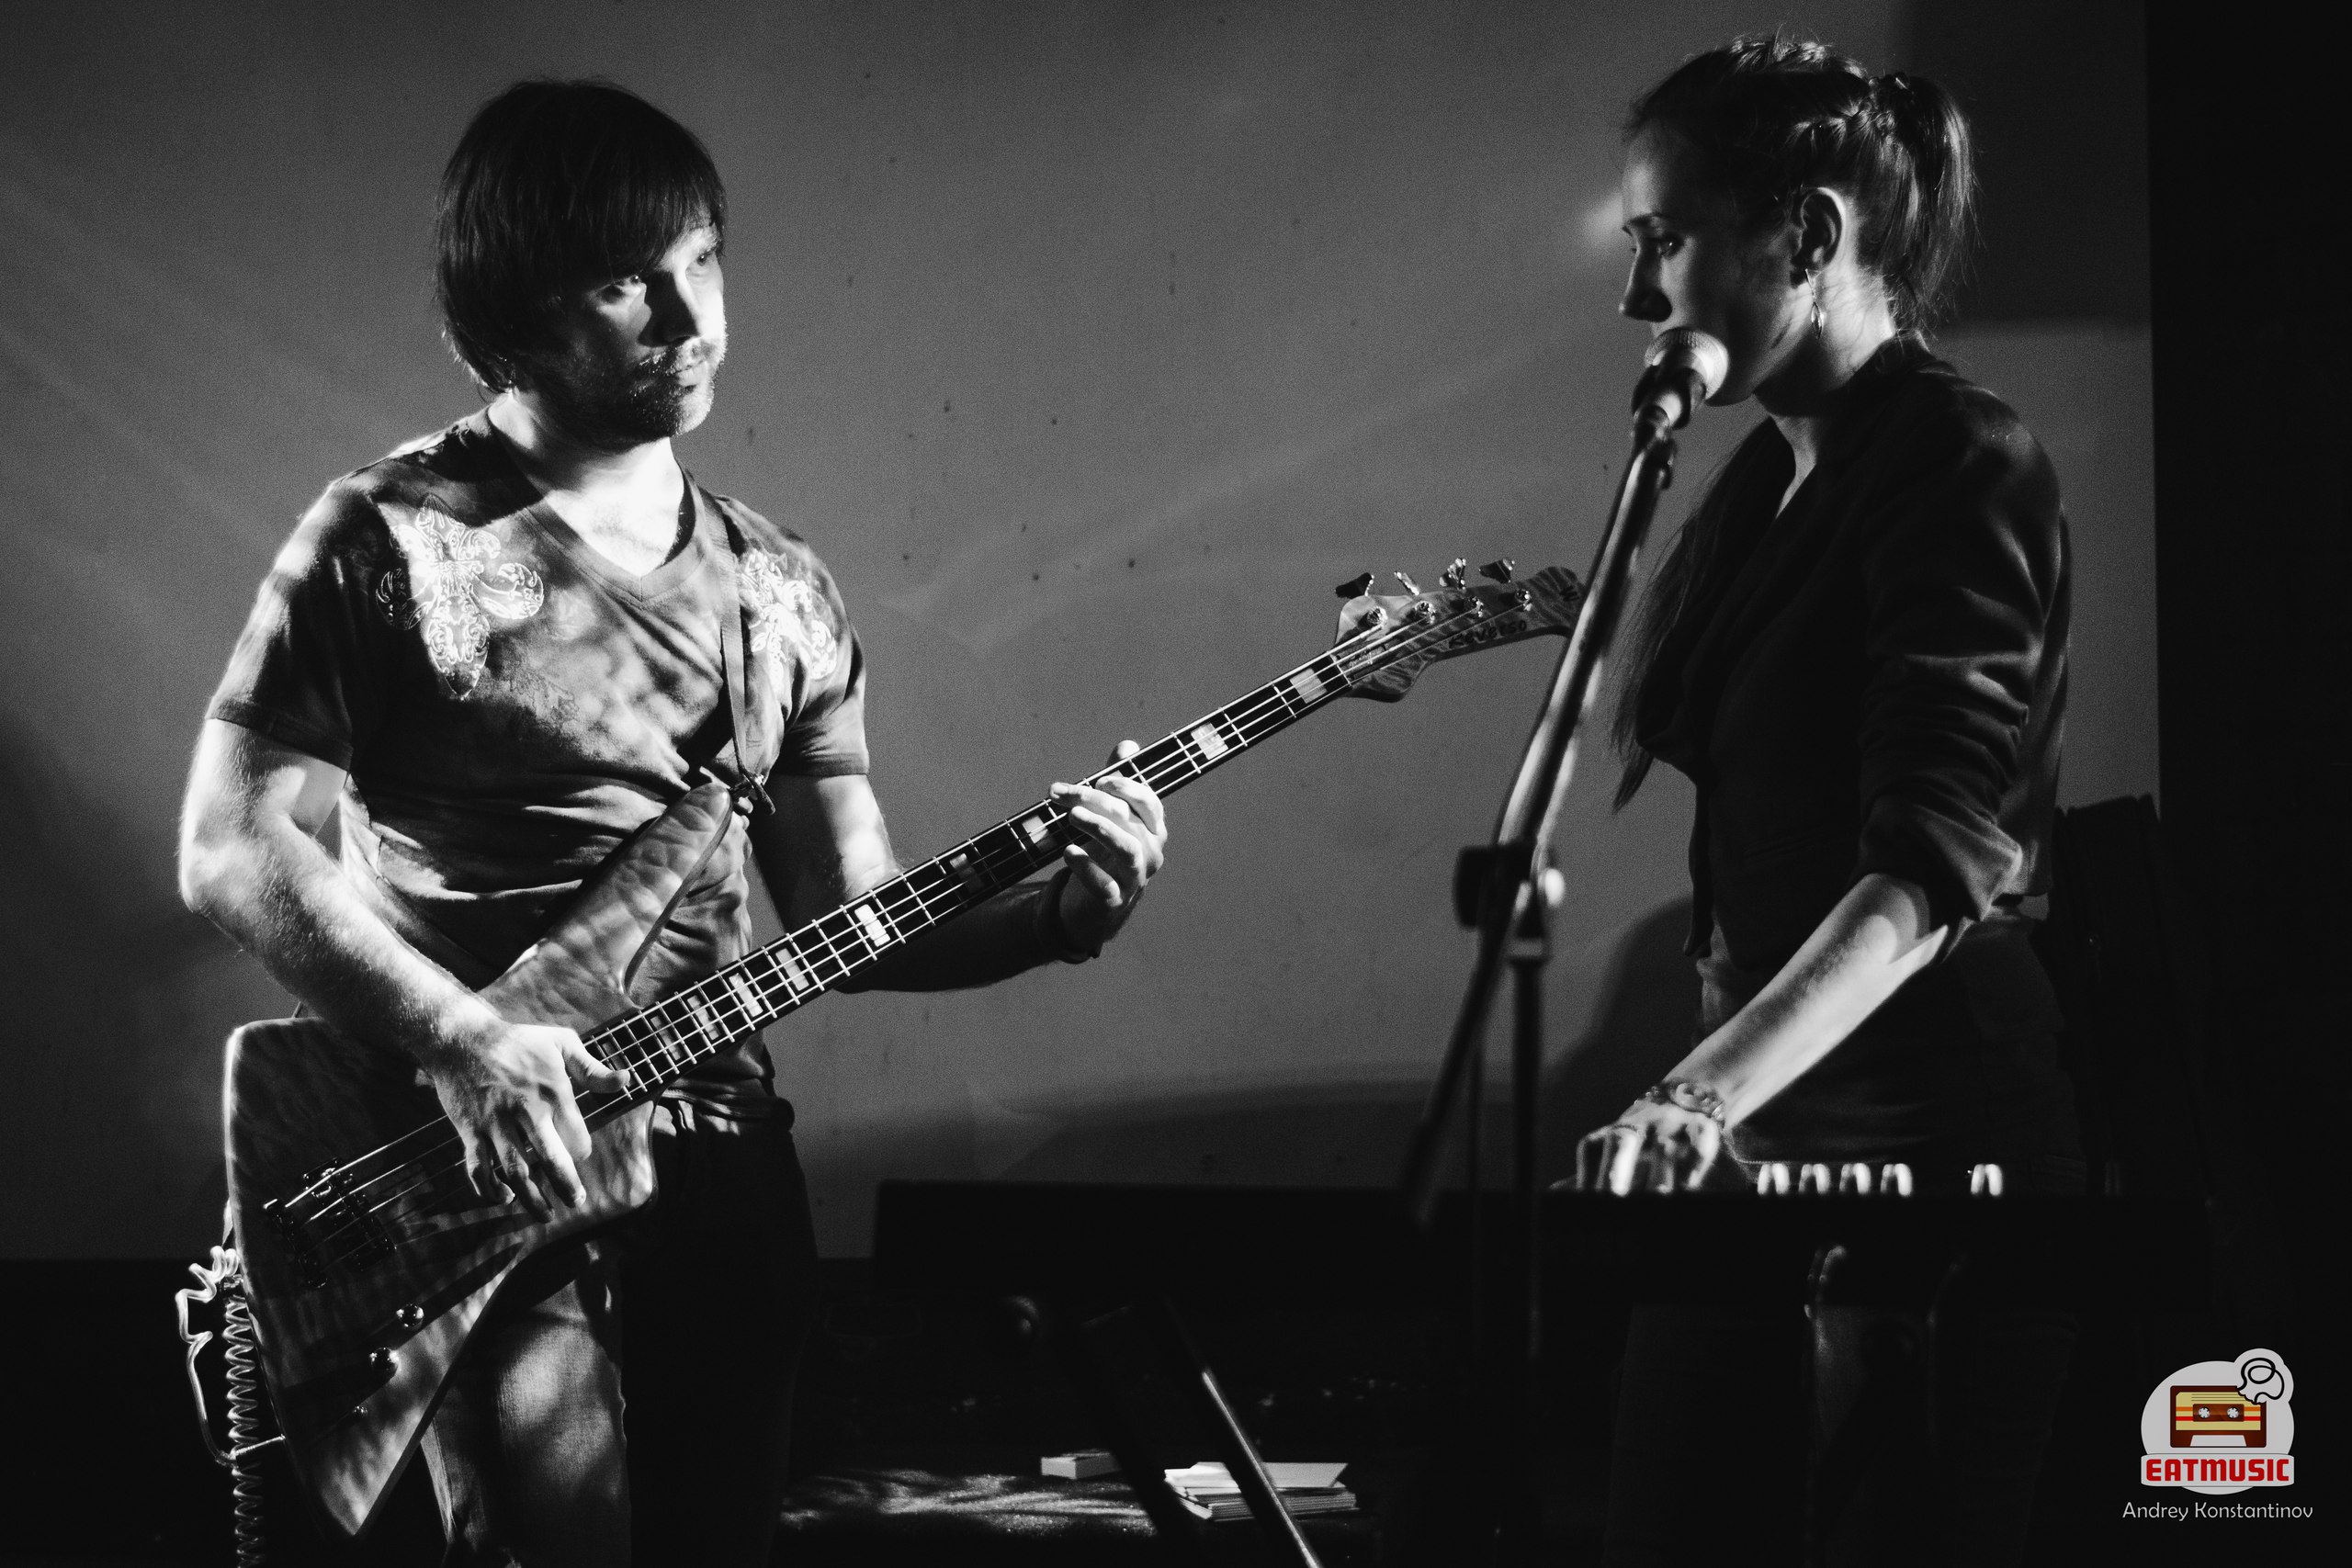 WARWICK DAY 2016 в China Town: что полезно узнать о бас-гитарах? Андрей Константинов